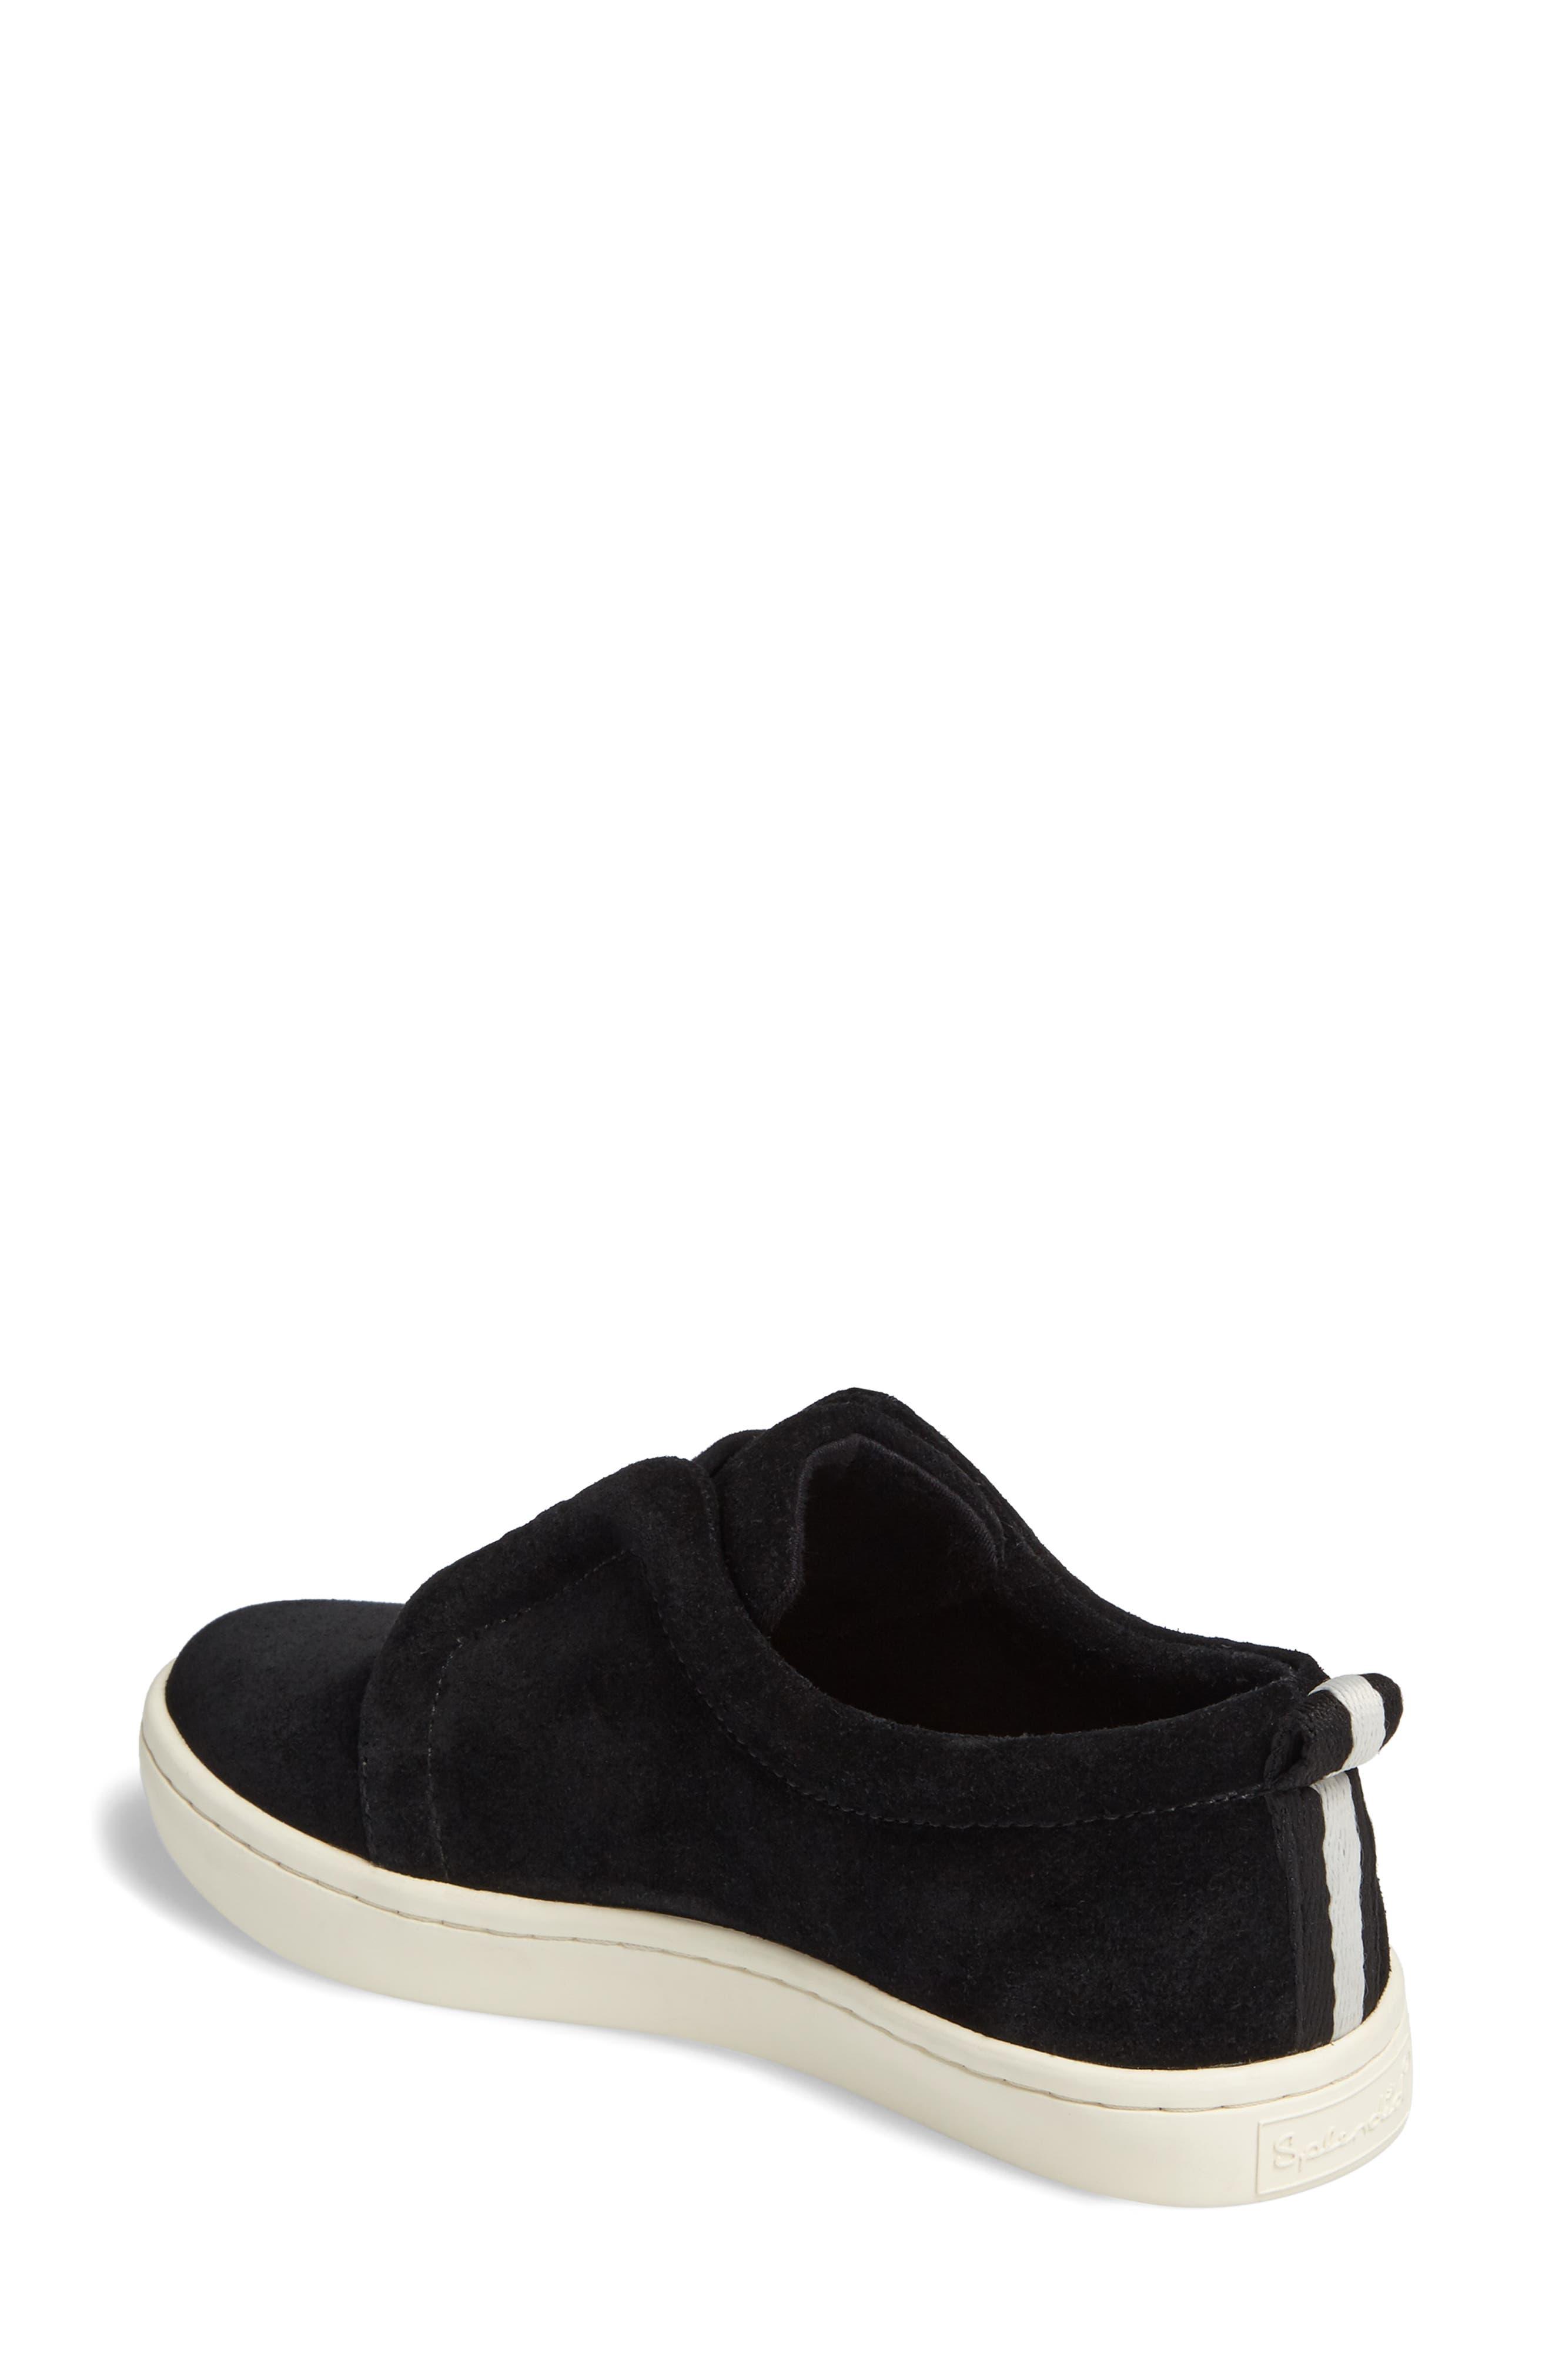 Dagny Slip-On Sneaker,                             Alternate thumbnail 2, color,                             013